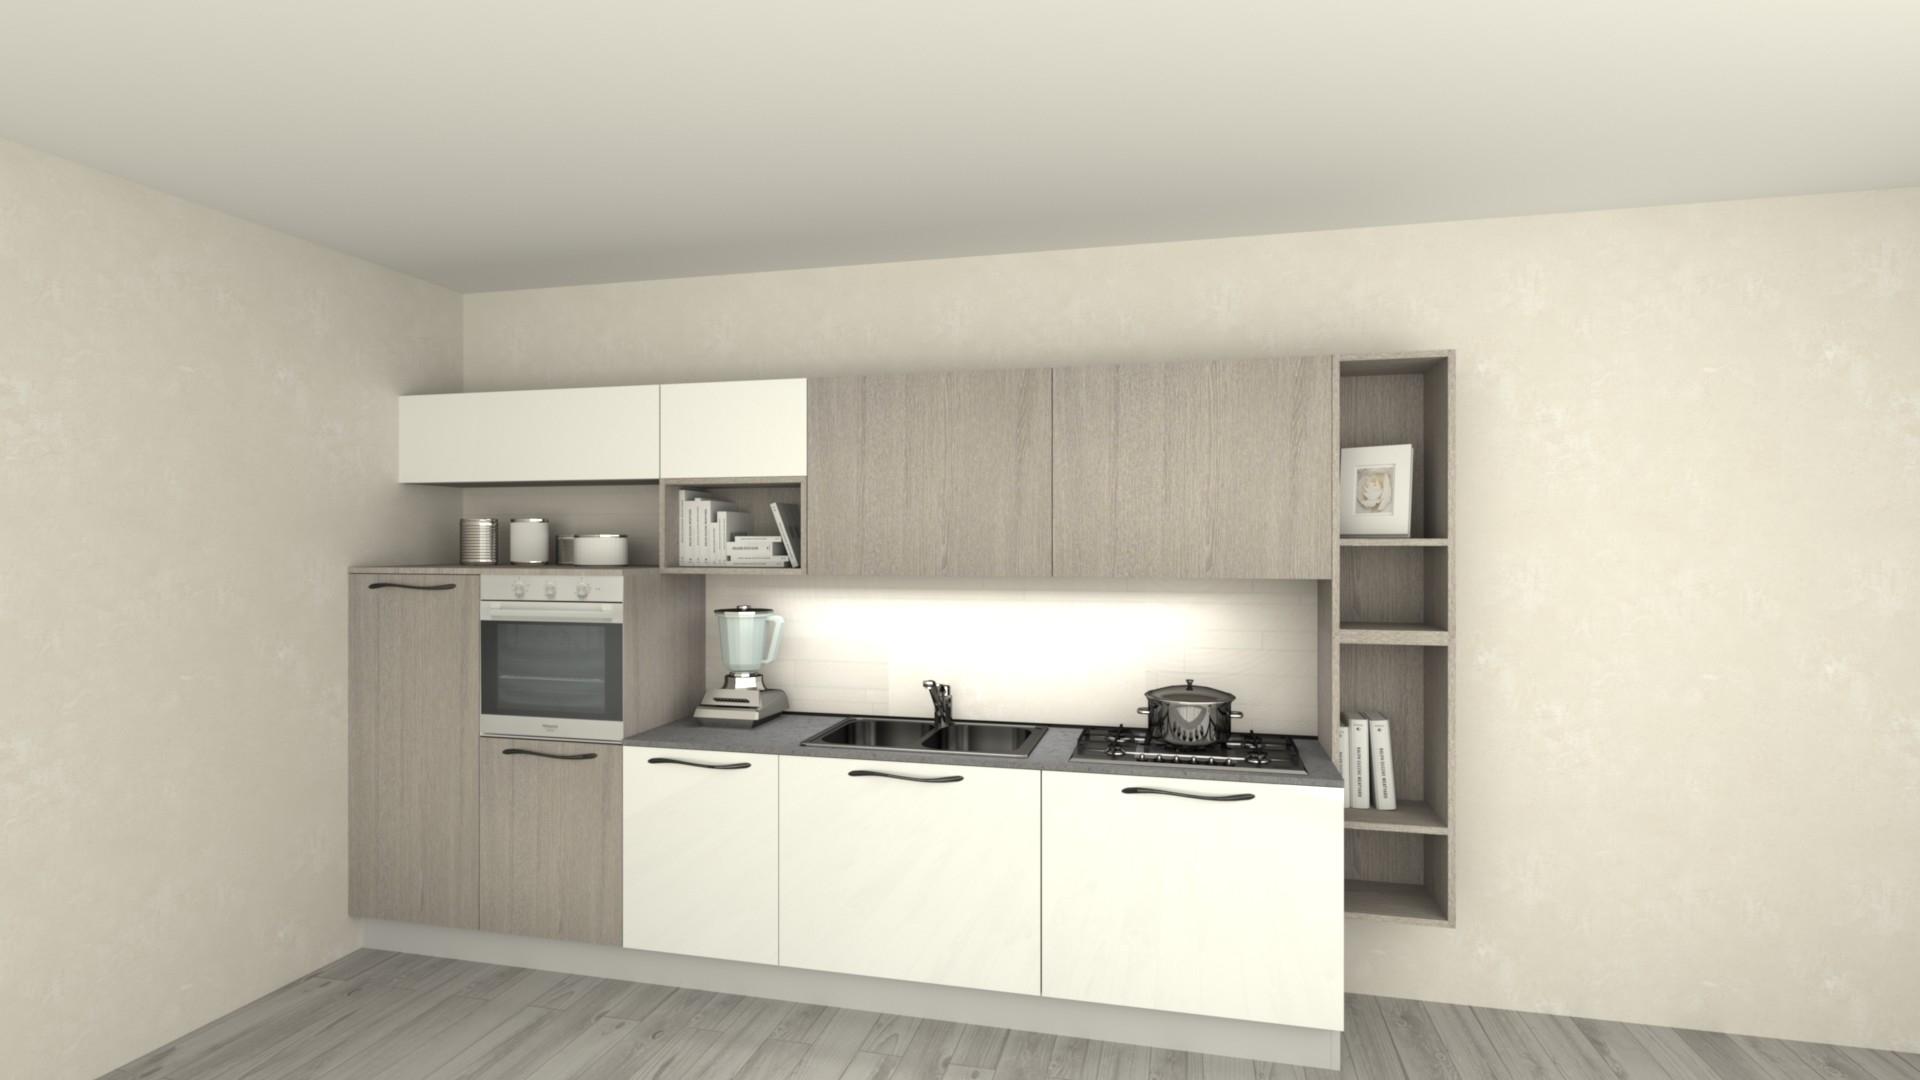 Cucine moderne con frigo esterno bj89 regardsdefemmes - Cucine con frigo esterno ...